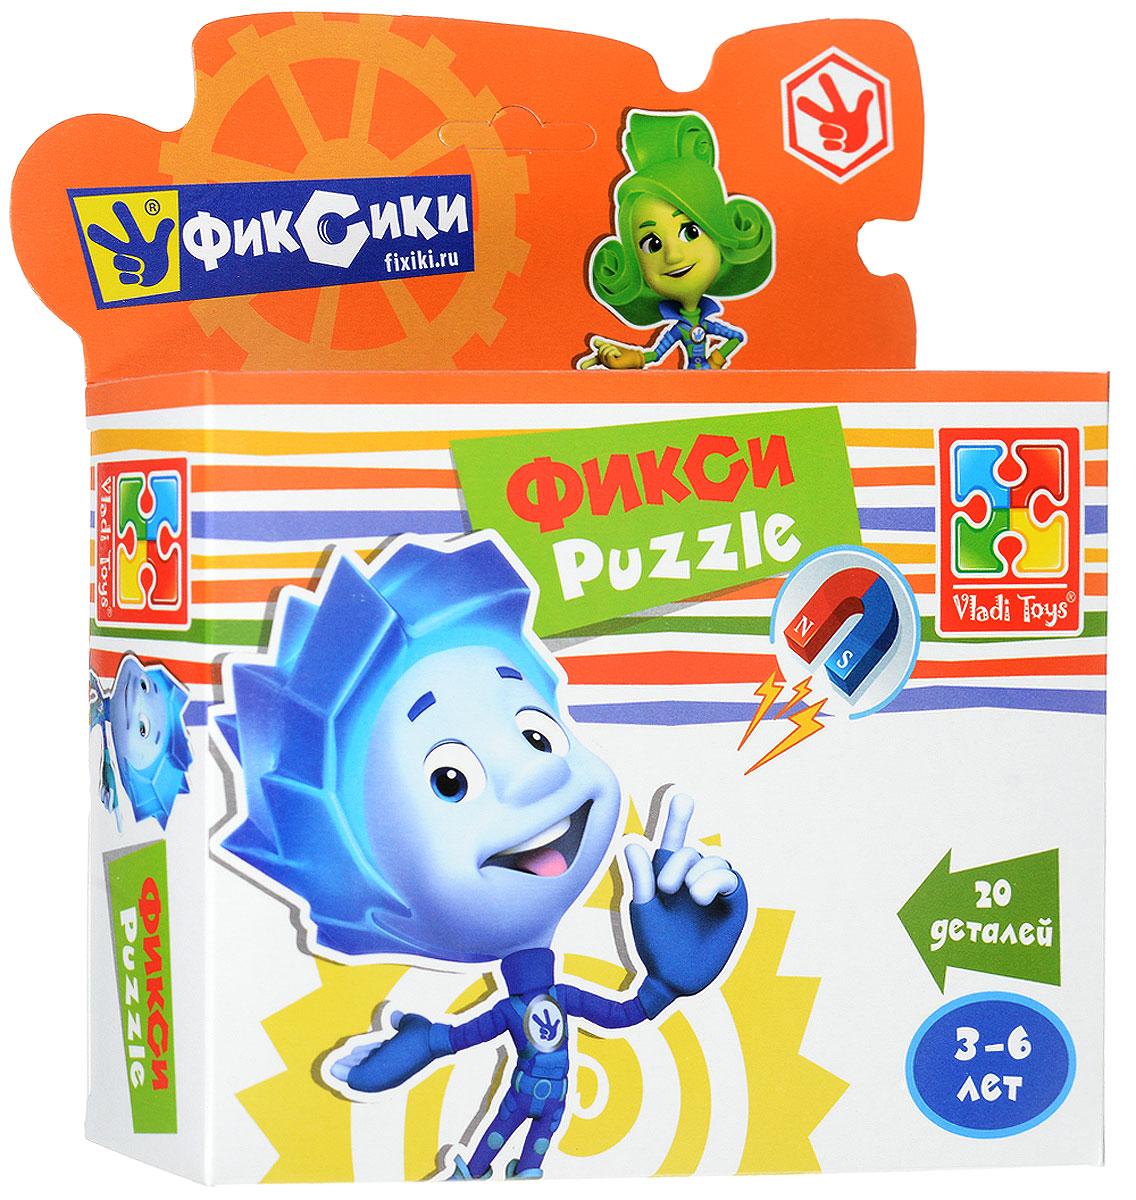 Vladi Toys Пазл для малышей Фиксики Нолик фиксики настольная игра поле пазл тыдыщь в подарок мини пазл 20 элементов фиксики